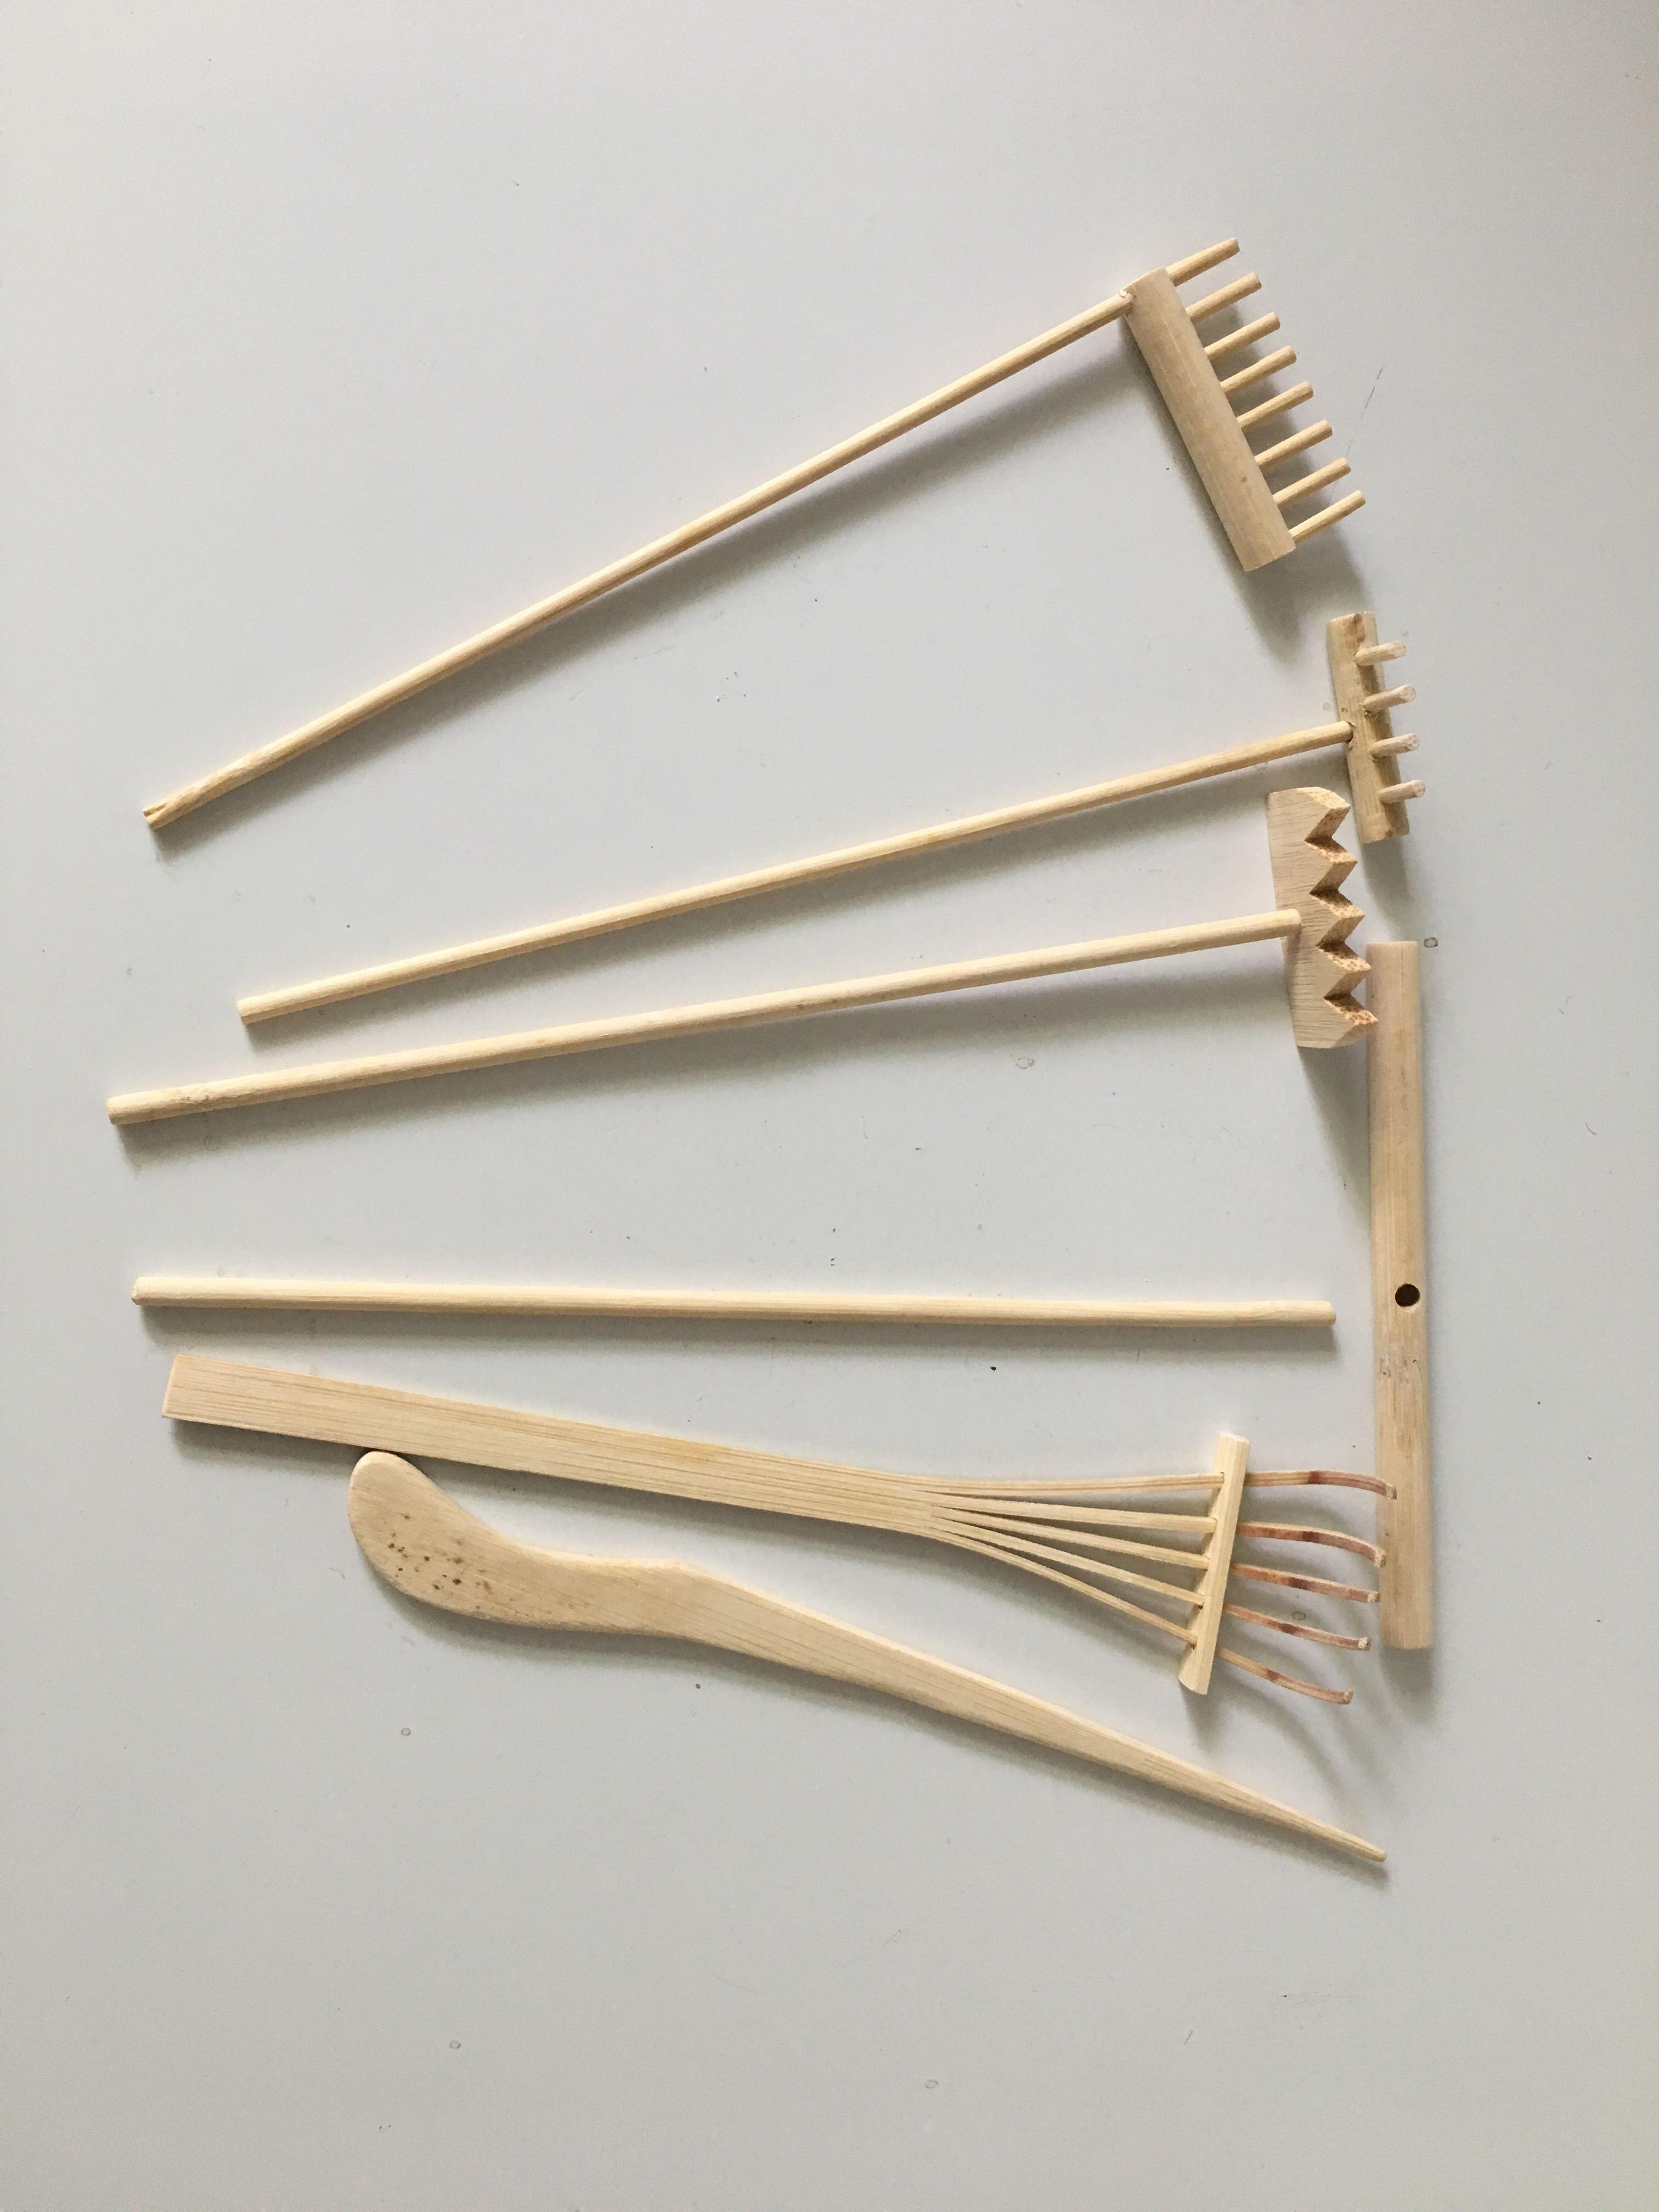 Set of 3 Mini Rake for Zen Garden Sand Tabletop Meditation Feng Shui Decor